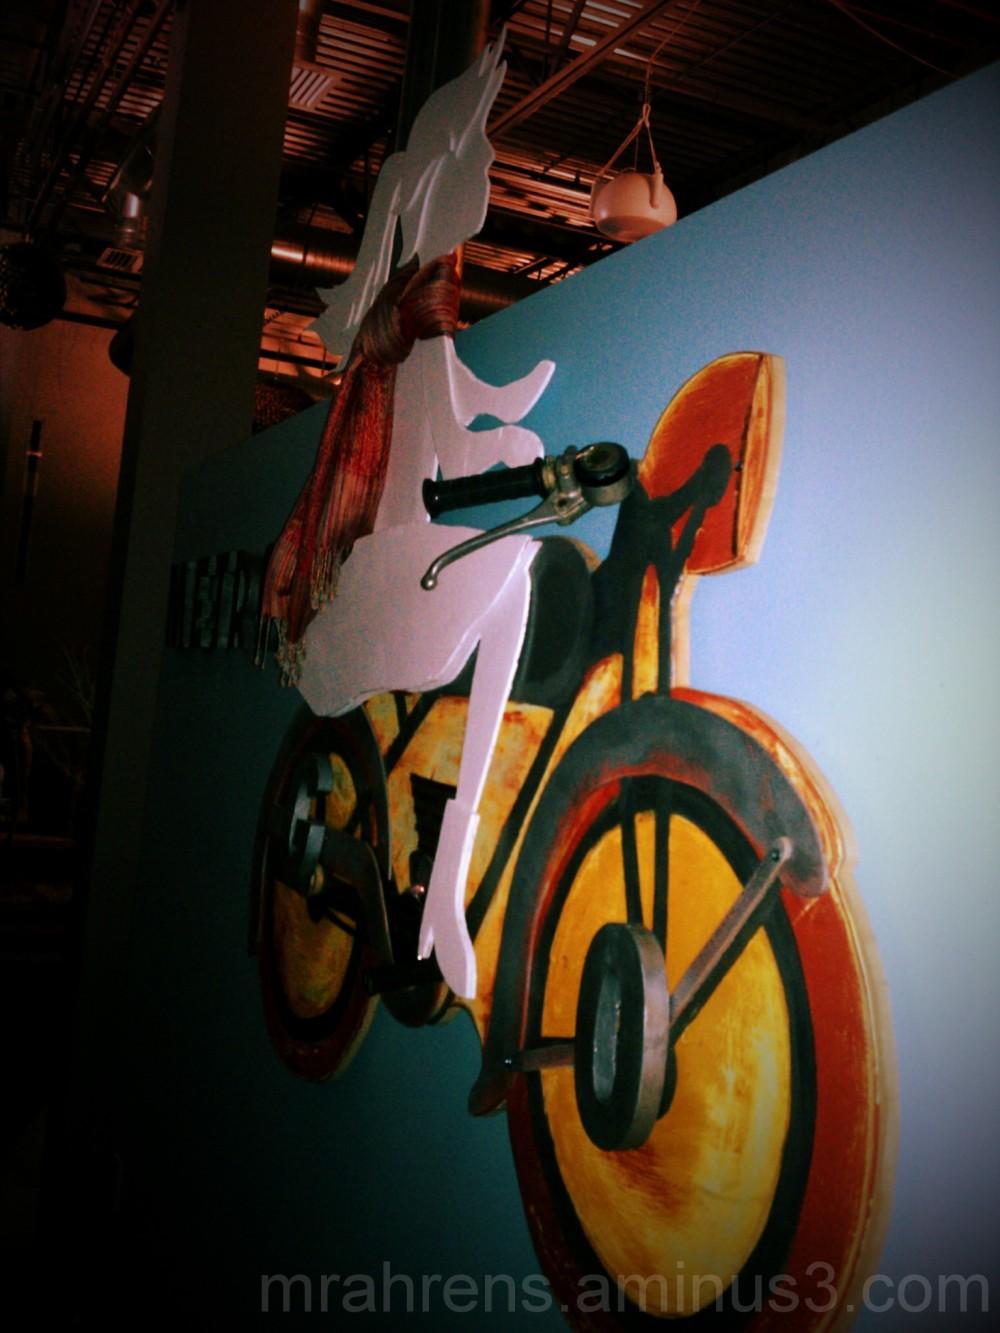 Wall Rider